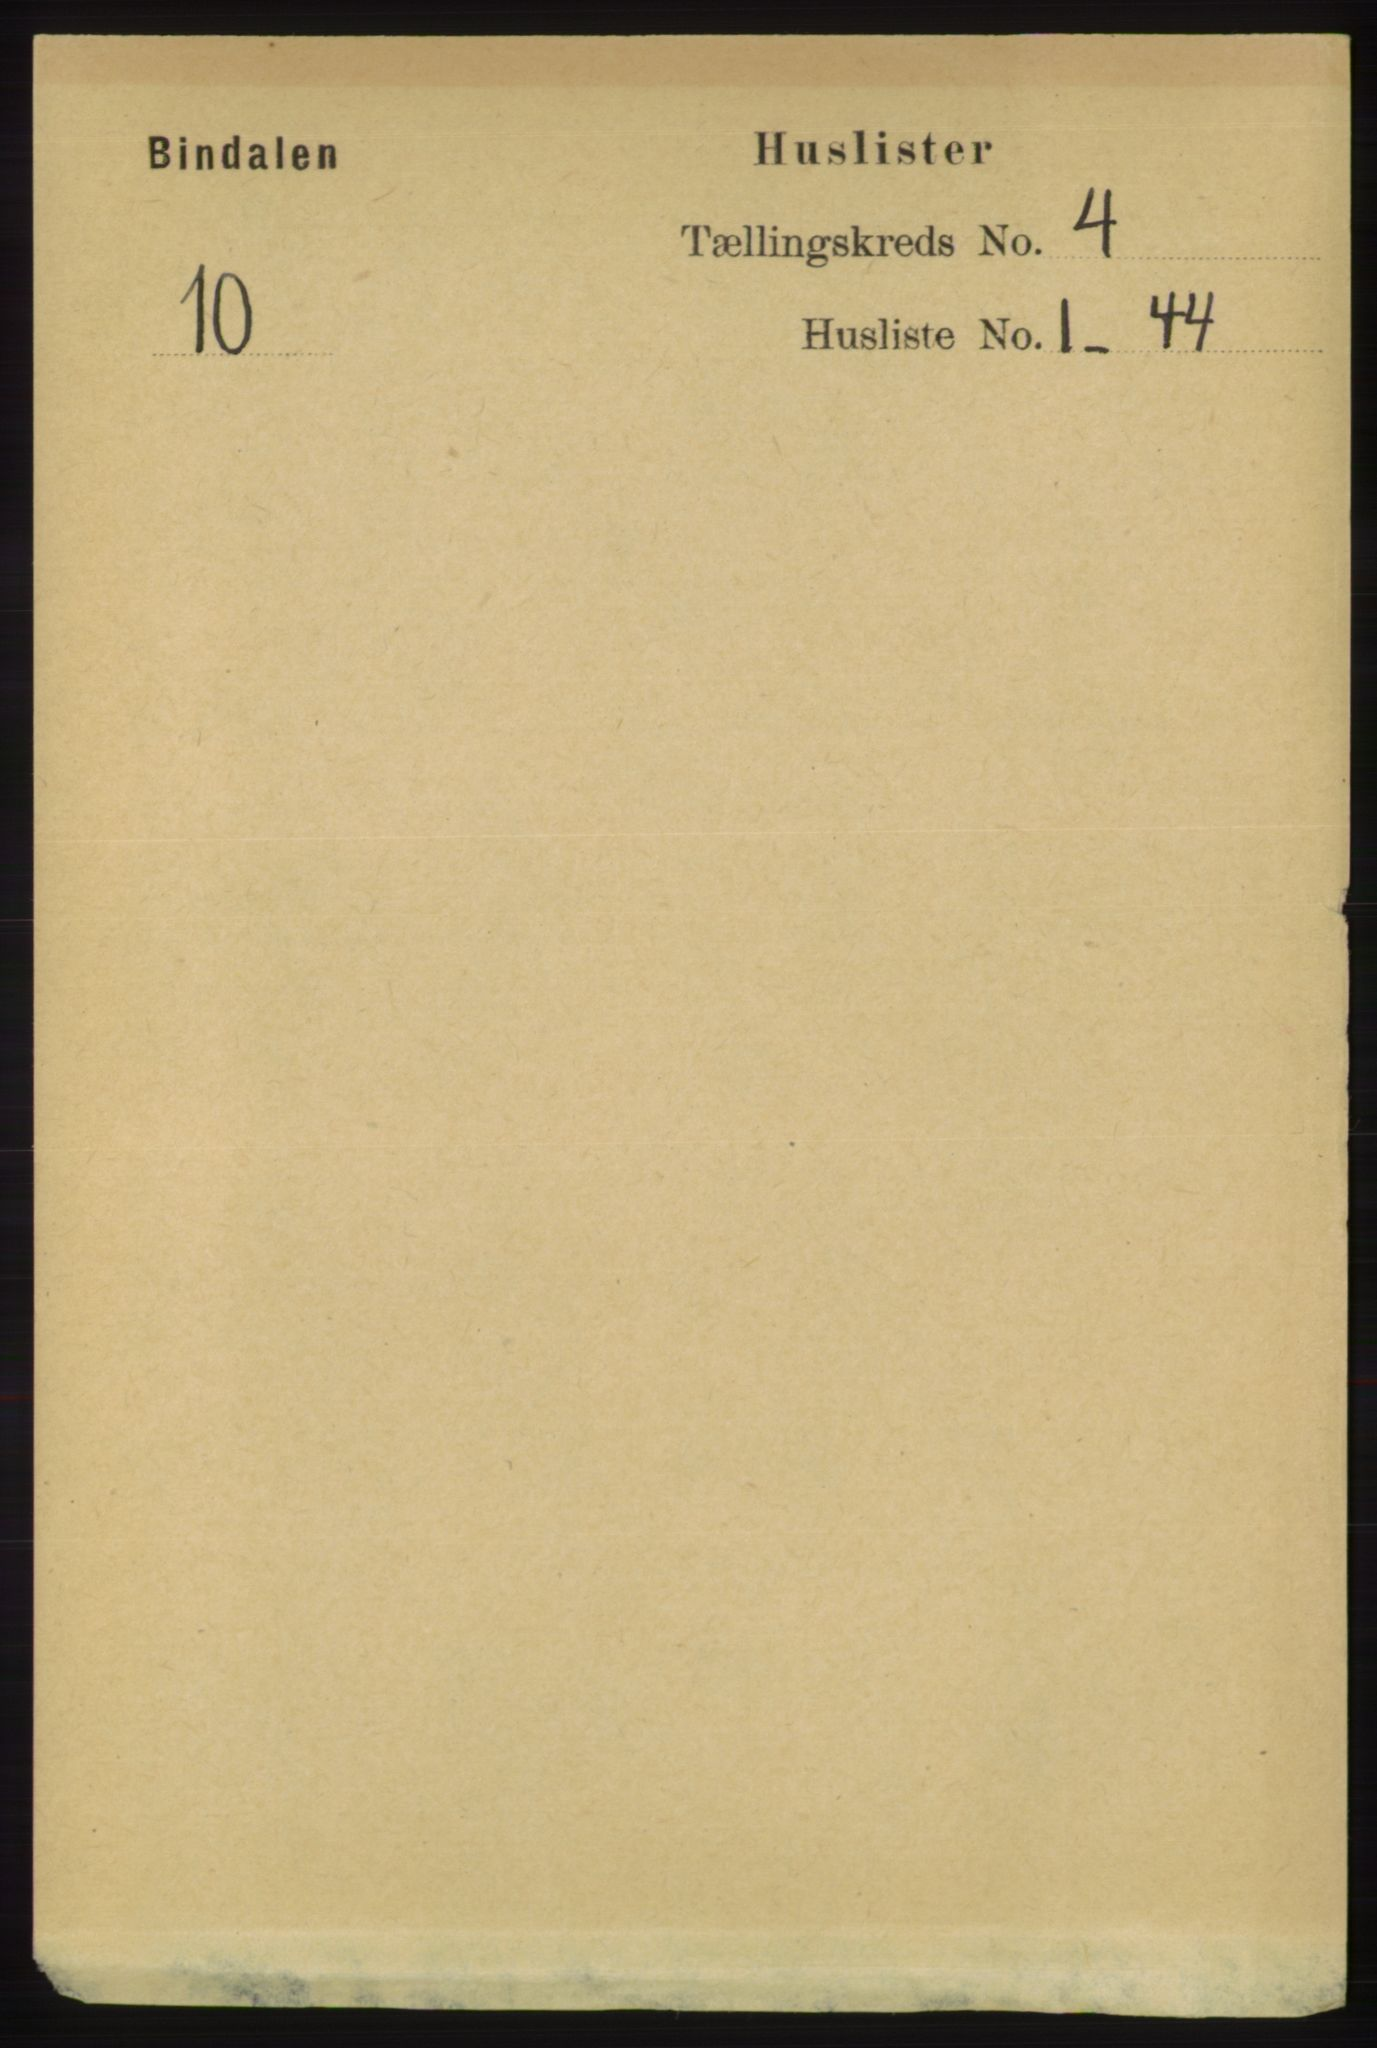 RA, Folketelling 1891 for 1811 Bindal herred, 1891, s. 989